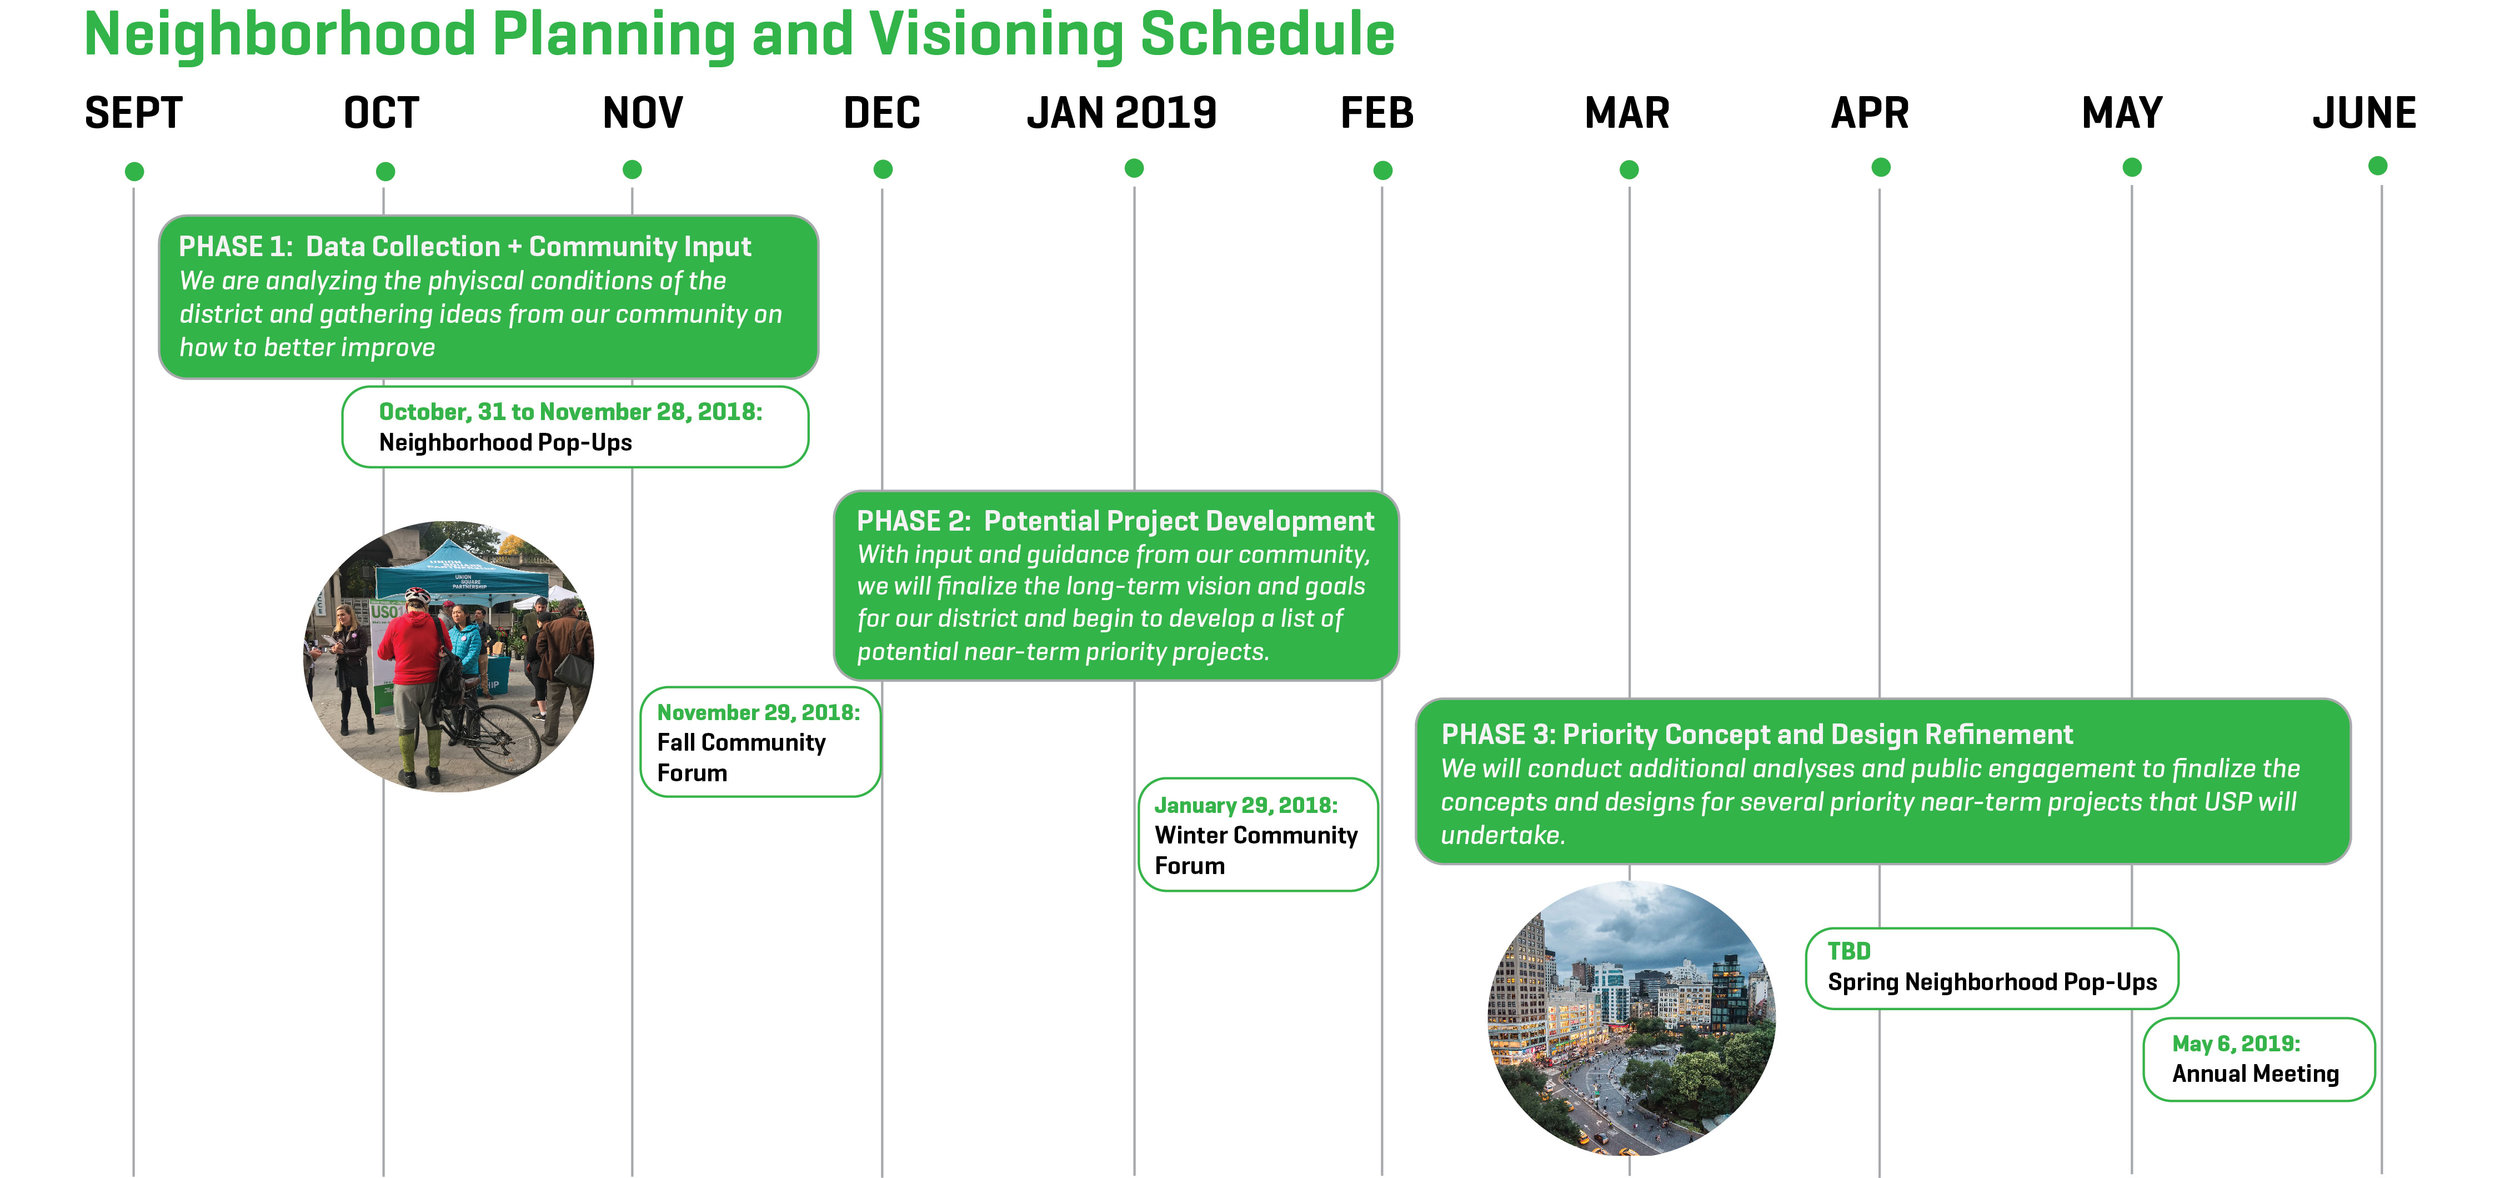 Neighborhood Visioning Schedule.jpg